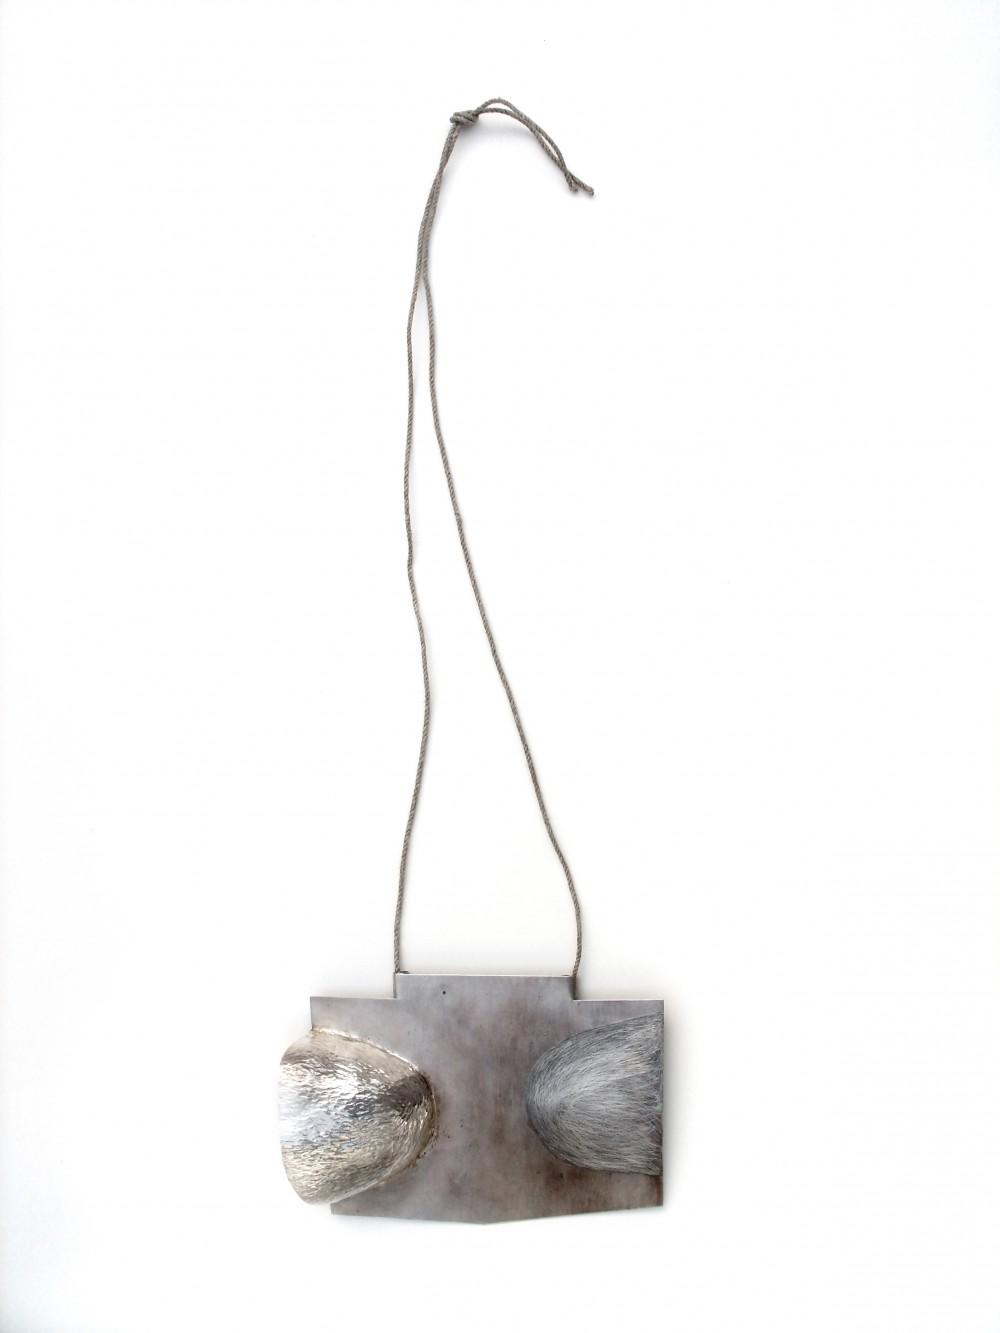 Neckpiece, silver, hempthread, 14 cm x 30 cm, Klara Brynge